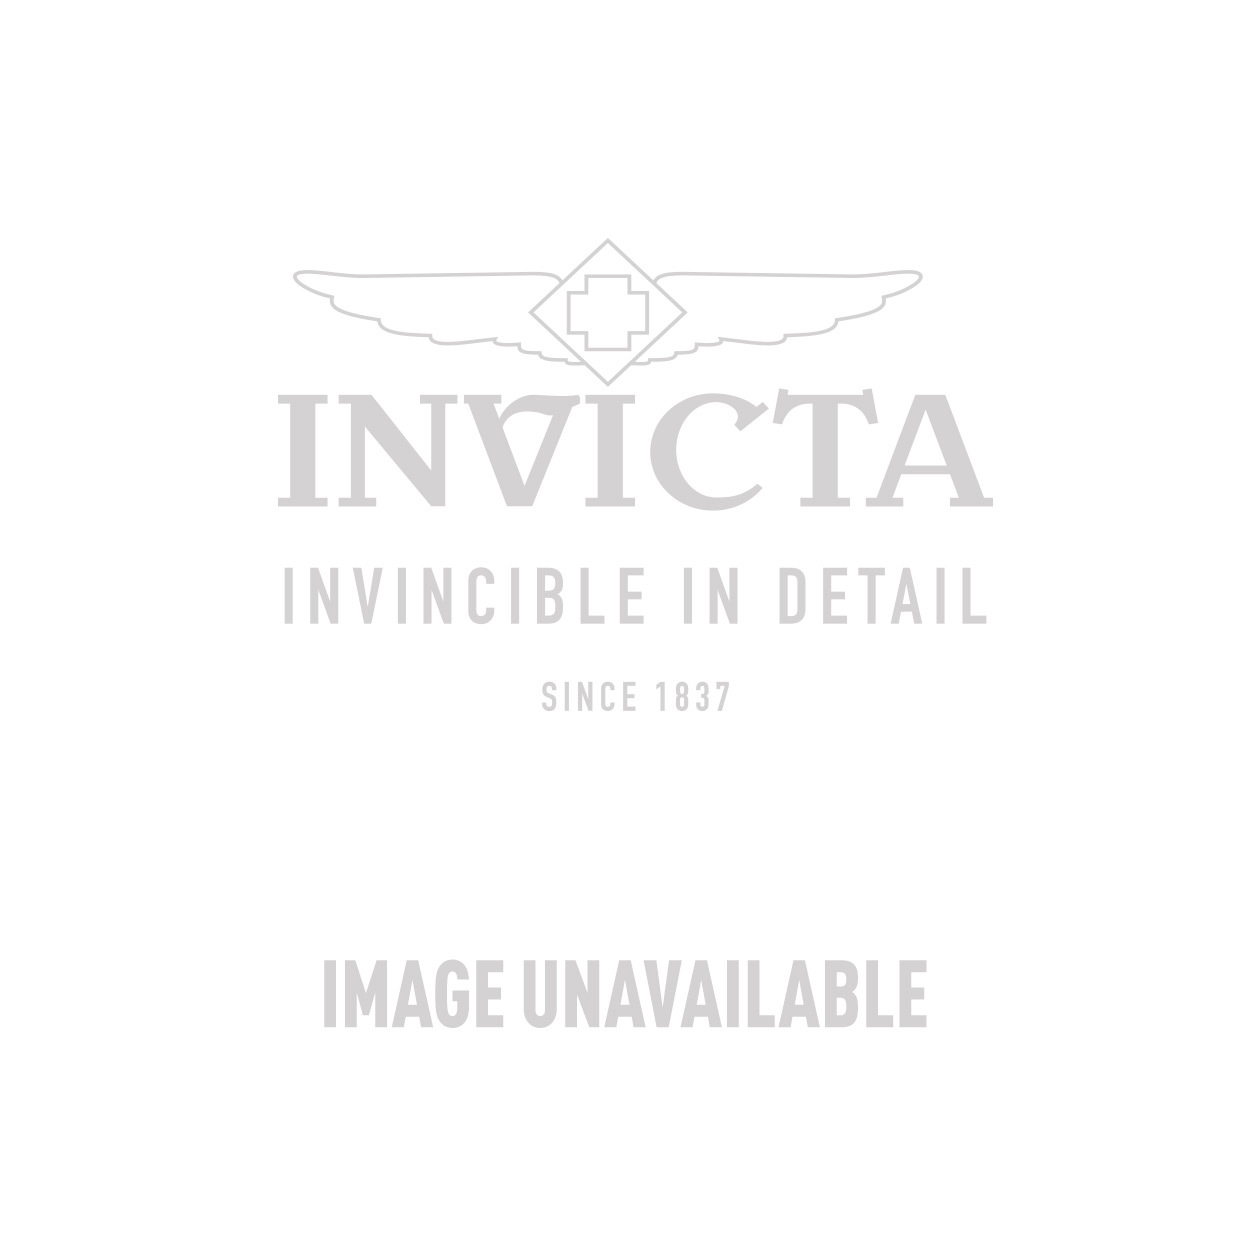 Invicta Model 25025